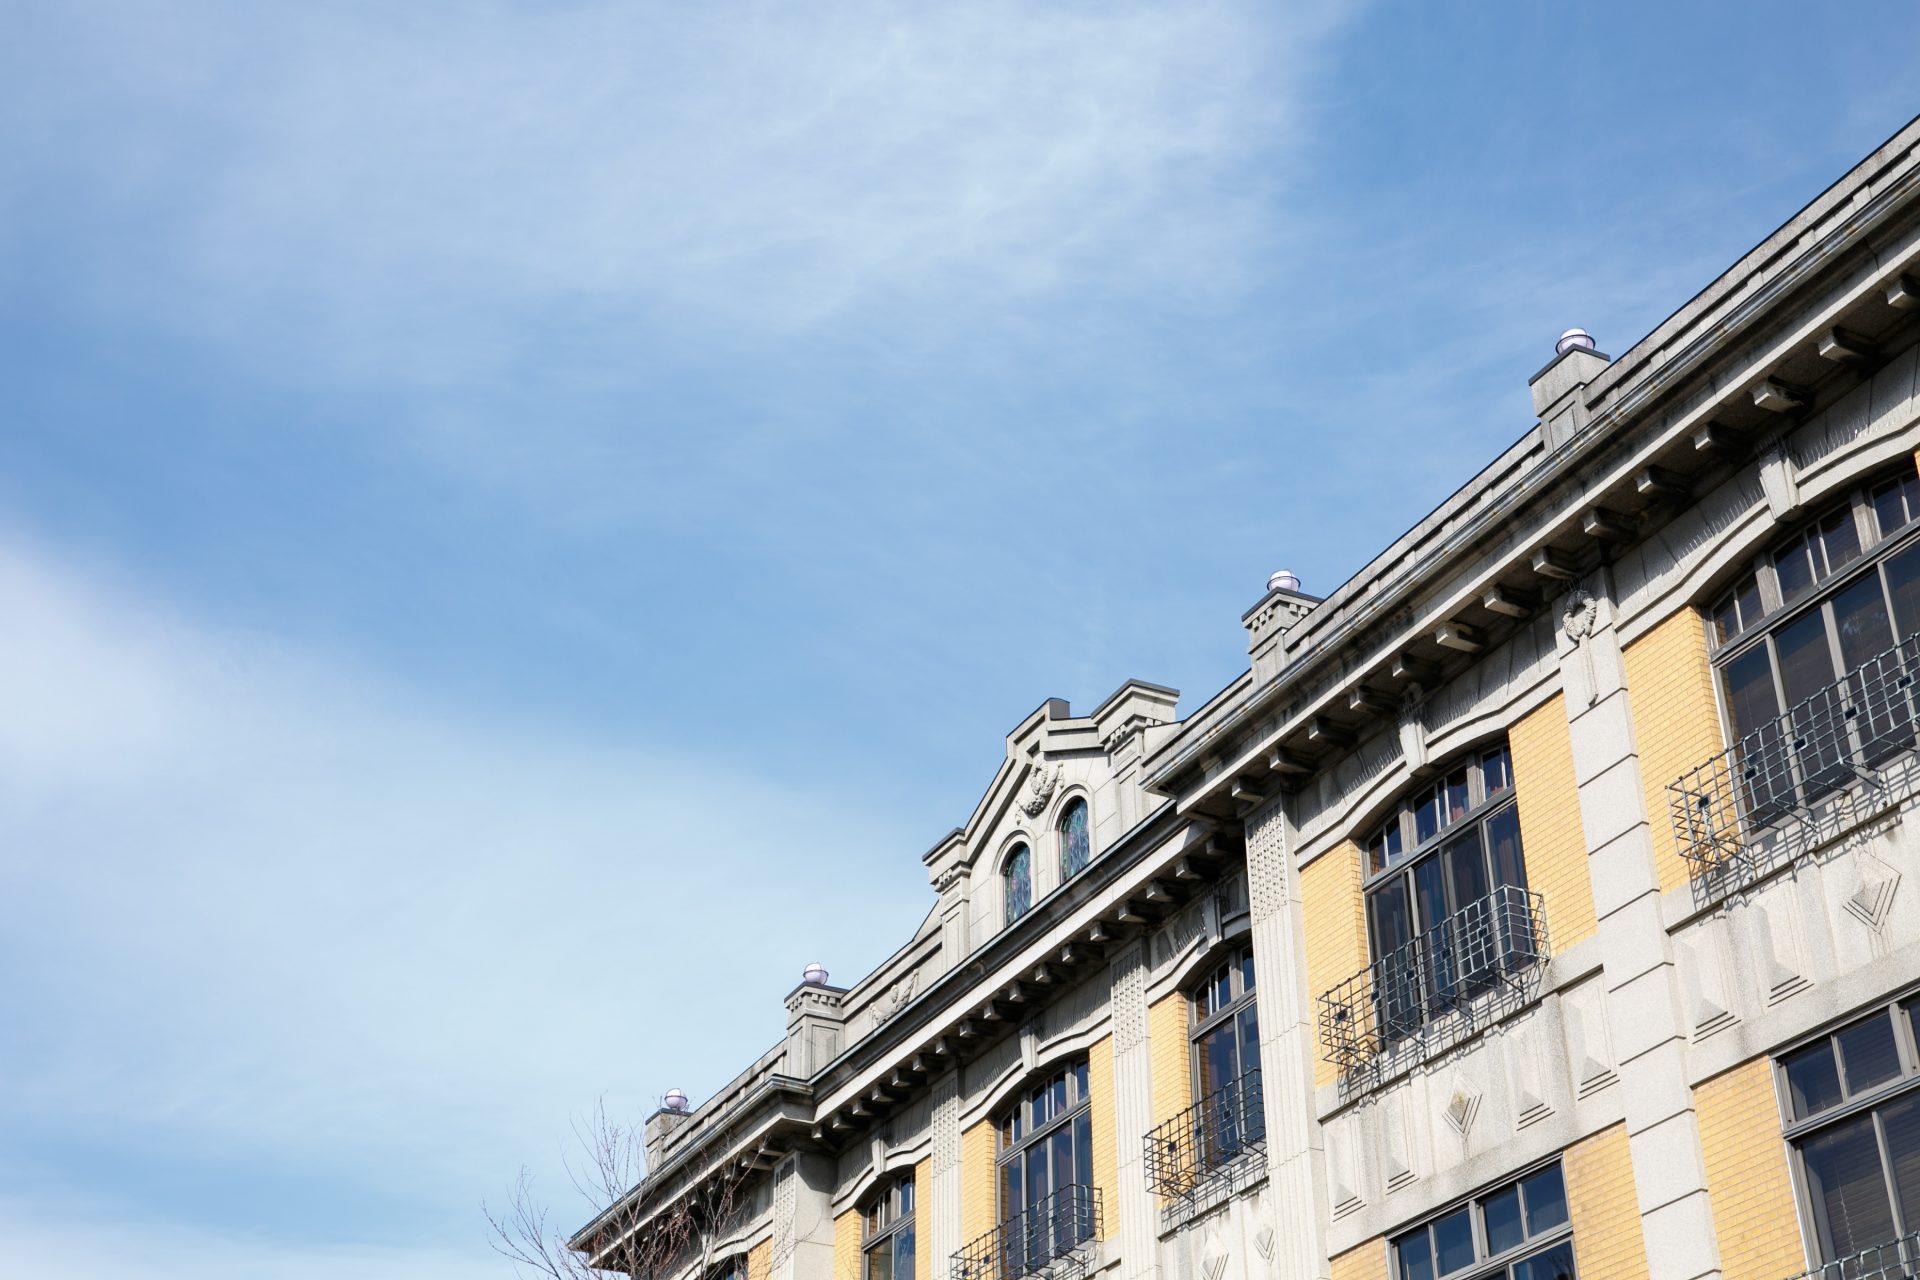 長野市のランドマークである善光寺の門前にあり歴史を感じる藤屋御本陳